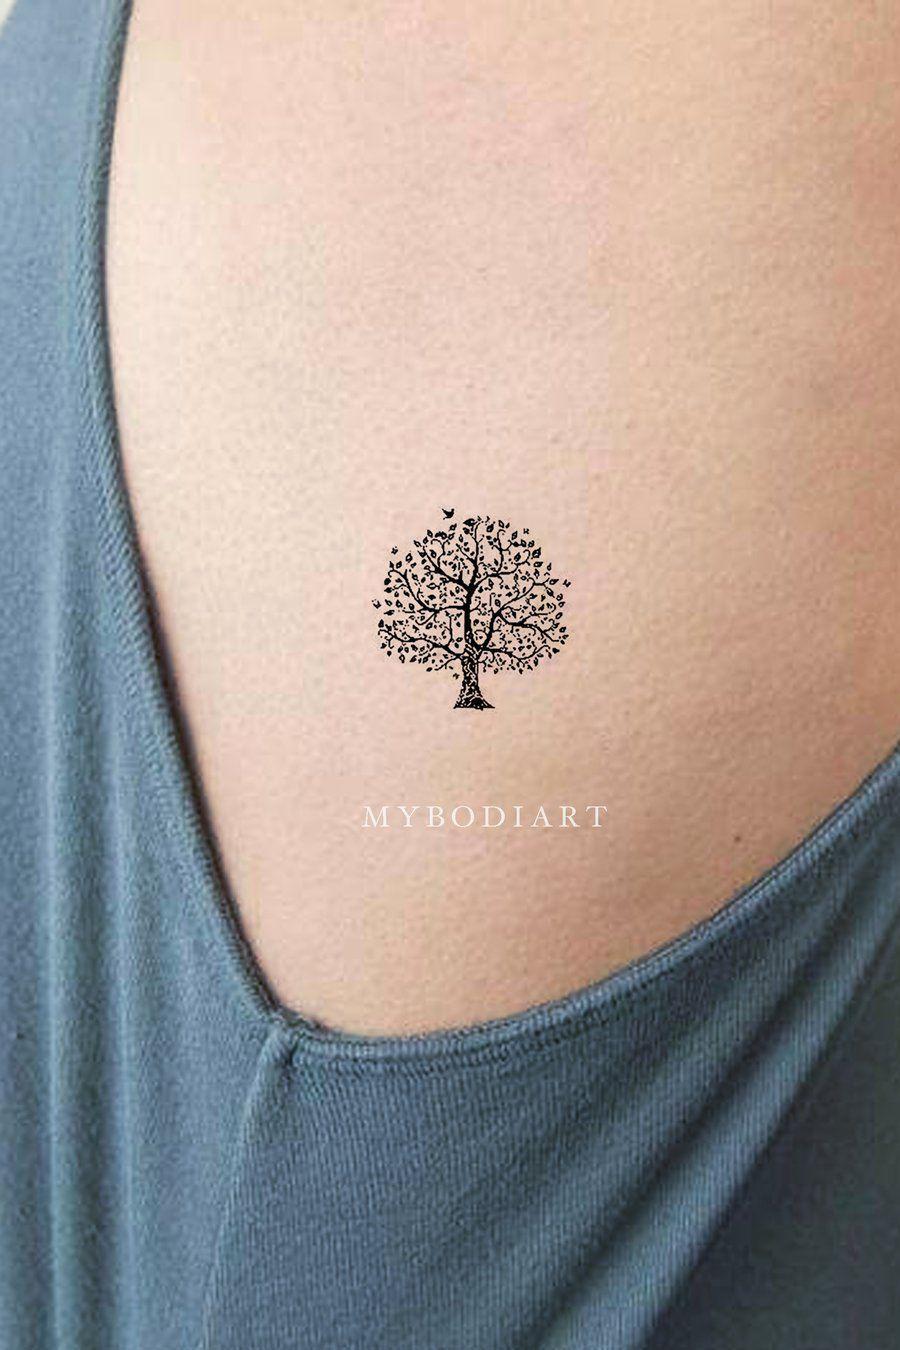 Small Willow Tree Tattoo : small, willow, tattoo, Willow, Tattoos, Ideas, Women, Minimalistic, Simple, Nature, MyBo..., Tat…, Tattoo,, Small,, Tattoo, Small